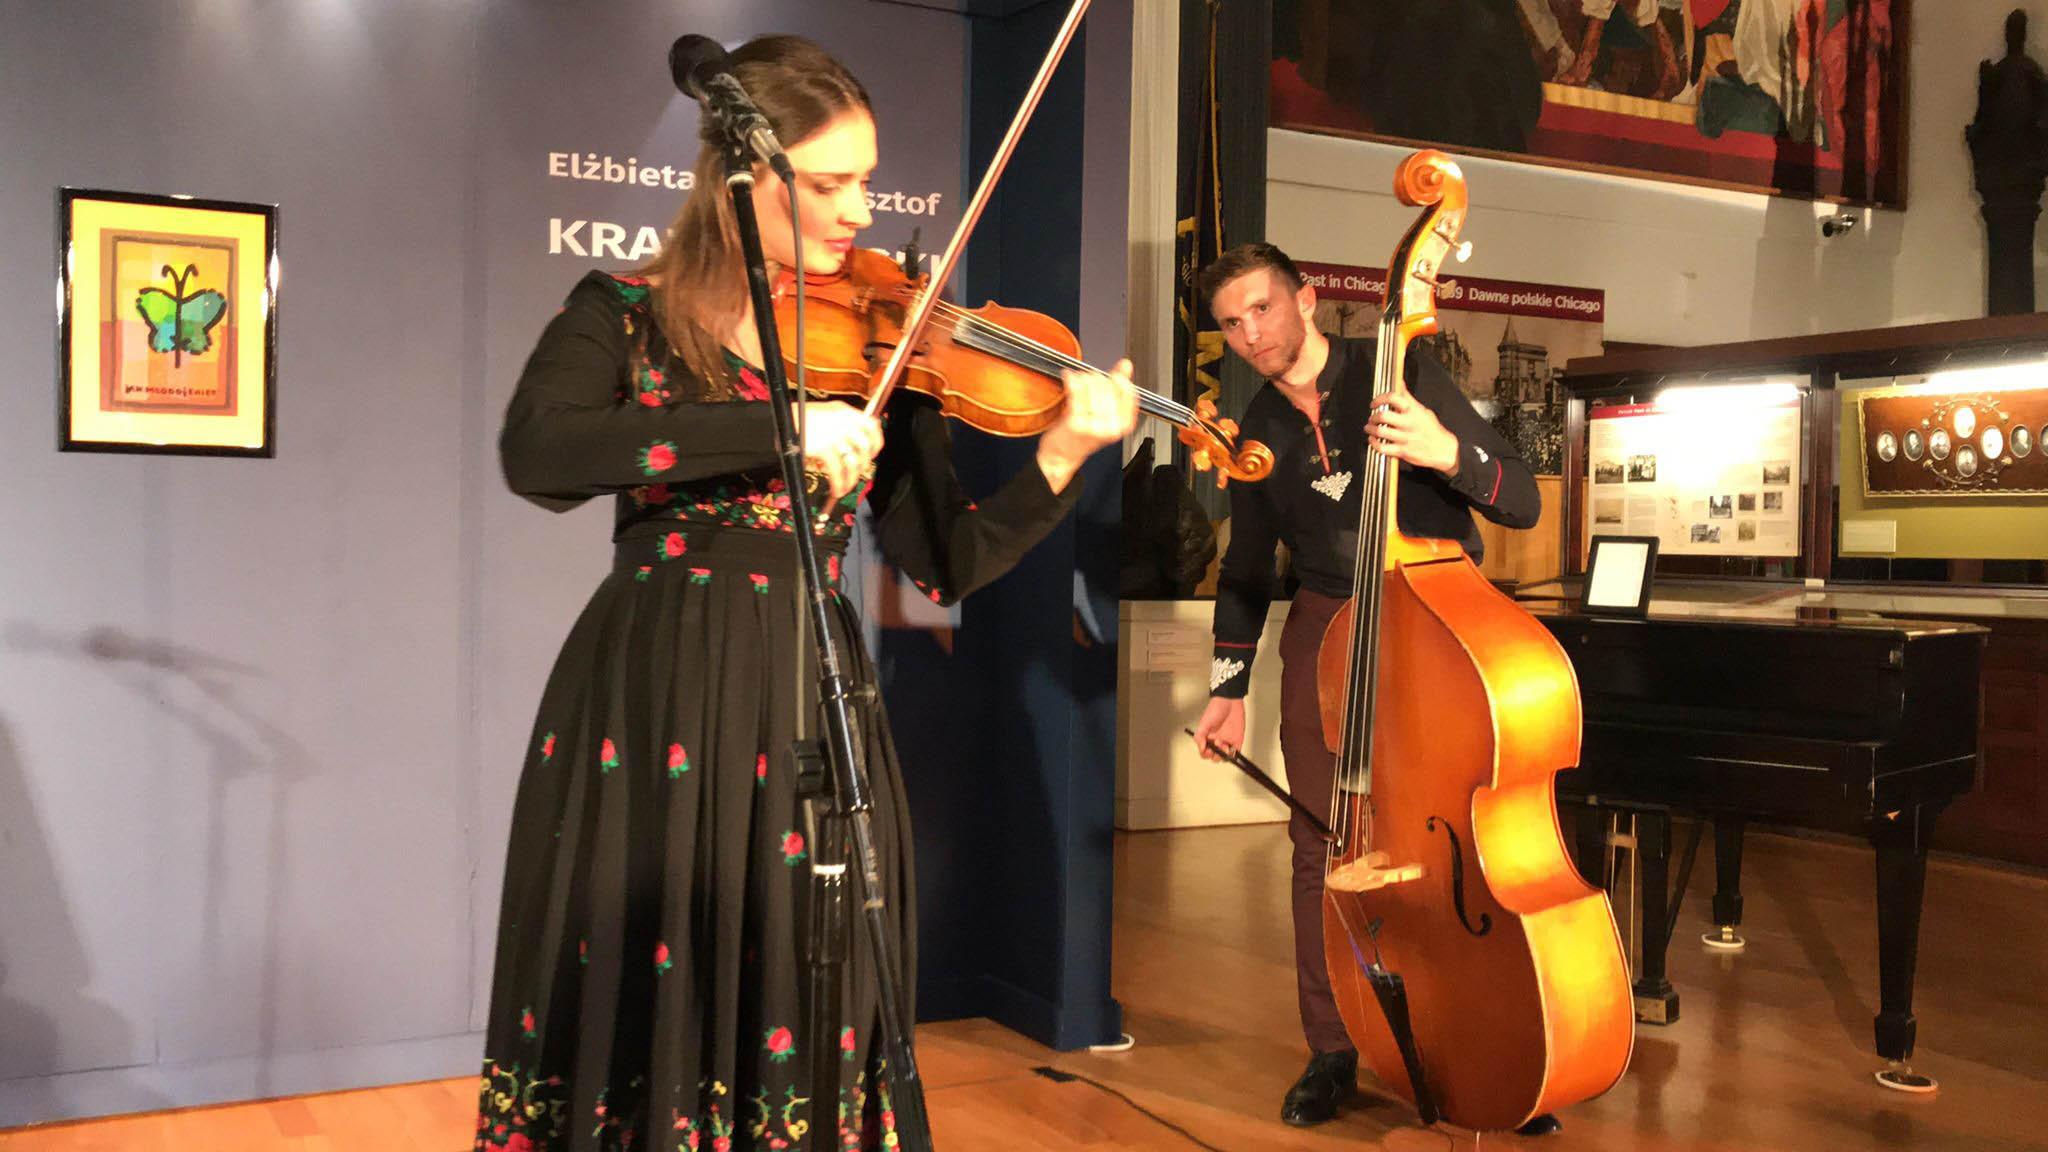 TEKLA KLEBETNICA performed at the PMA